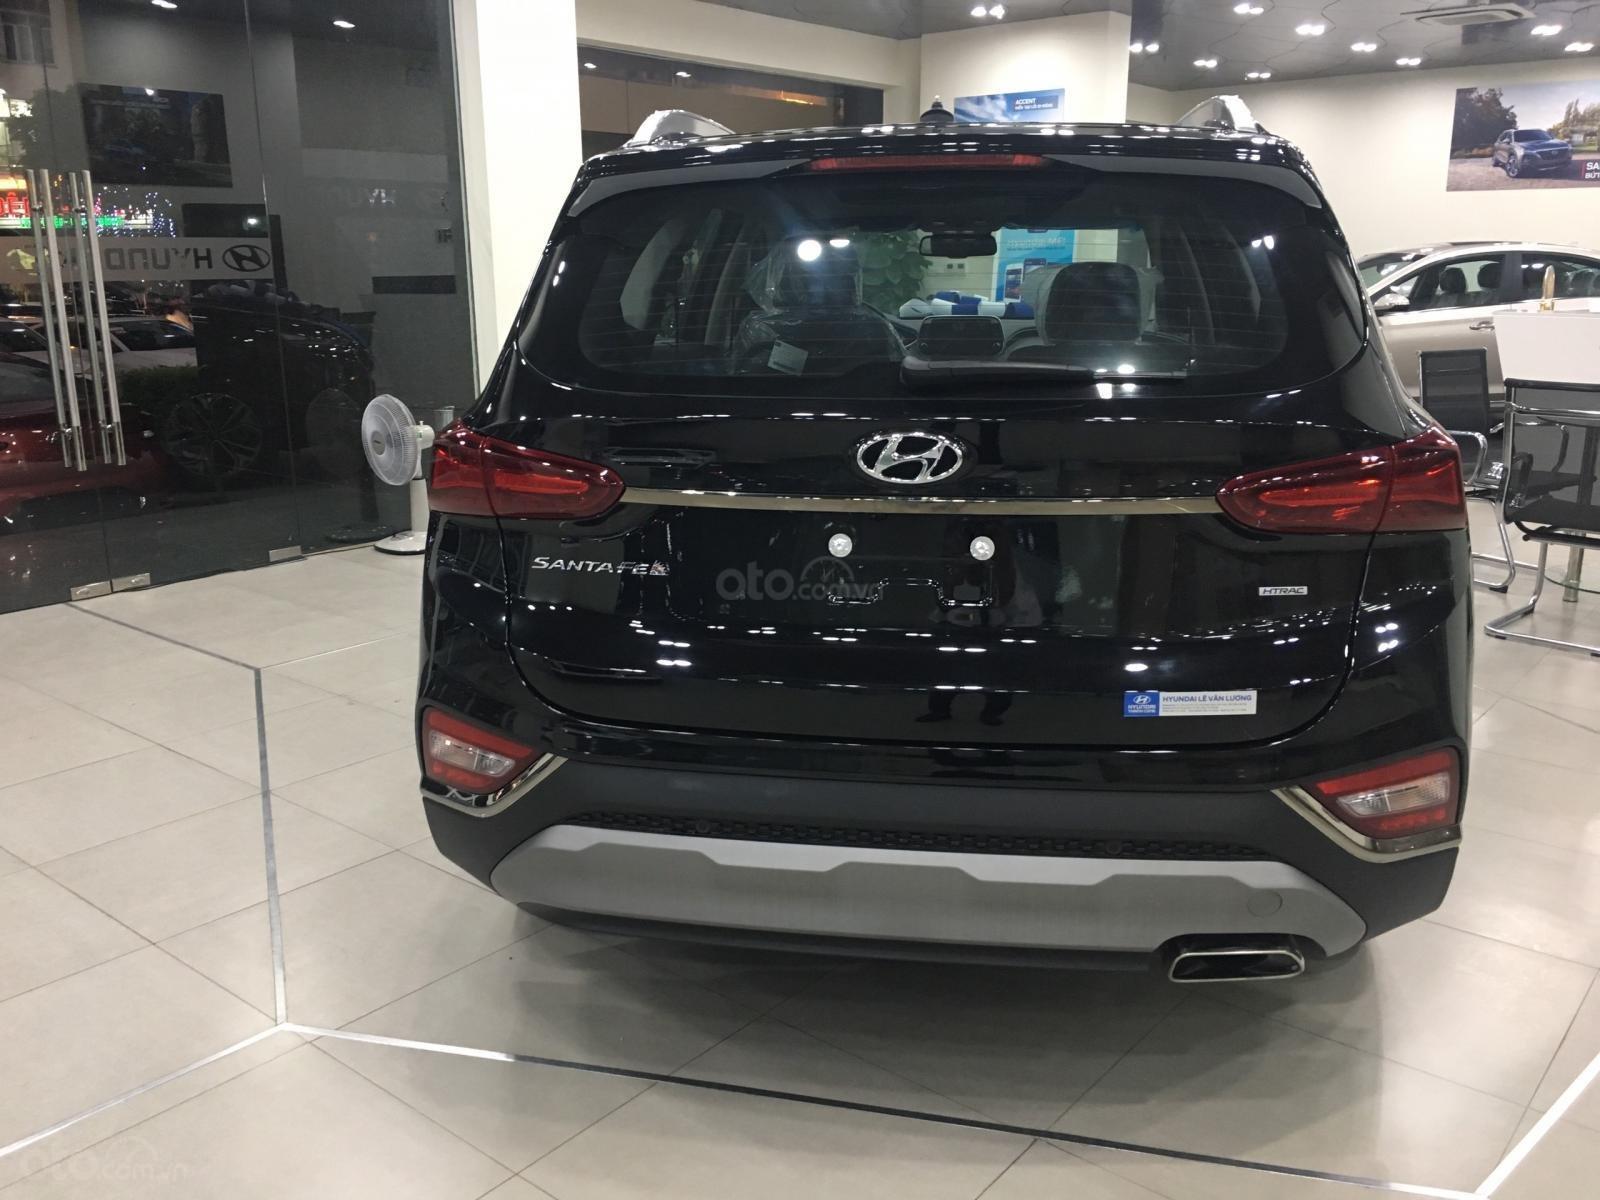 Hyundai Santa Fe bản đặc biệt, sẵn xe giao ngay, giá cực tốt, KM khủng trả góp chỉ 250tr nhận xe (5)